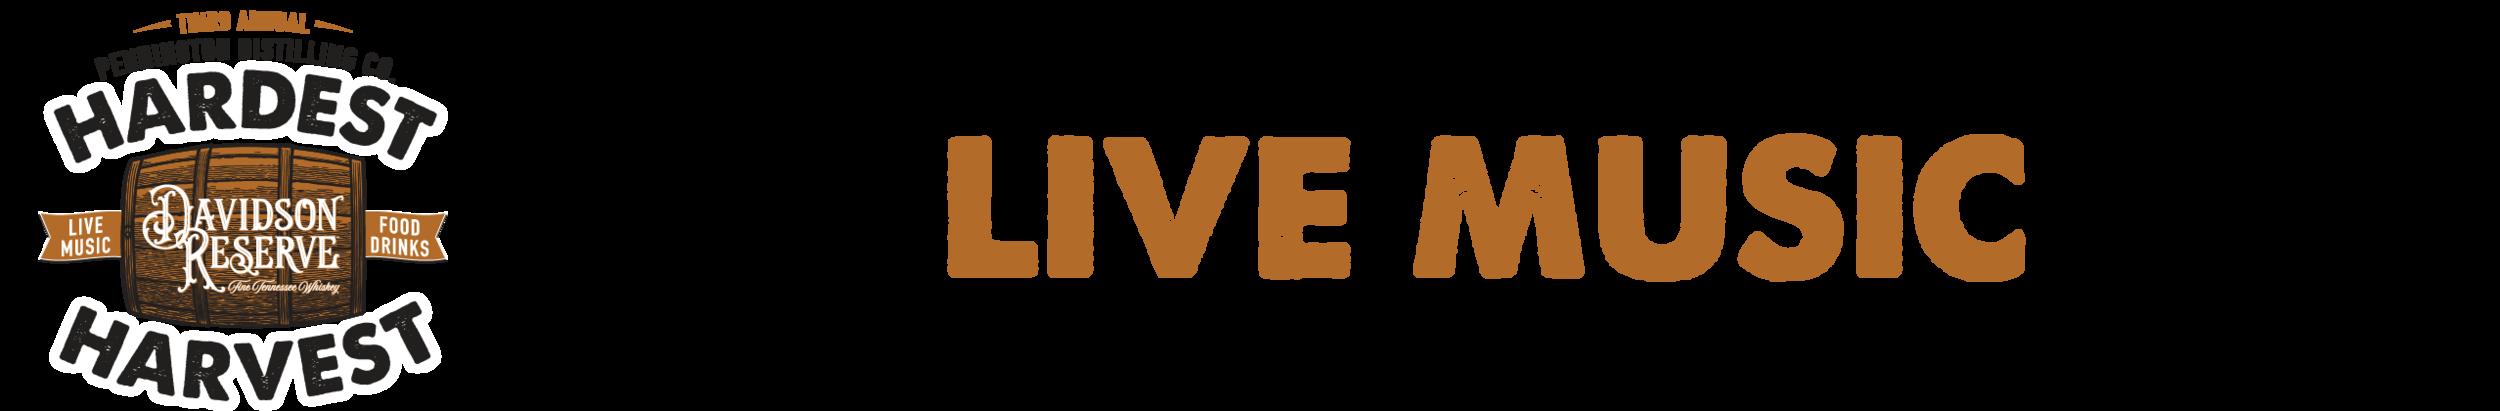 Hardest Harvest_Live Music.png